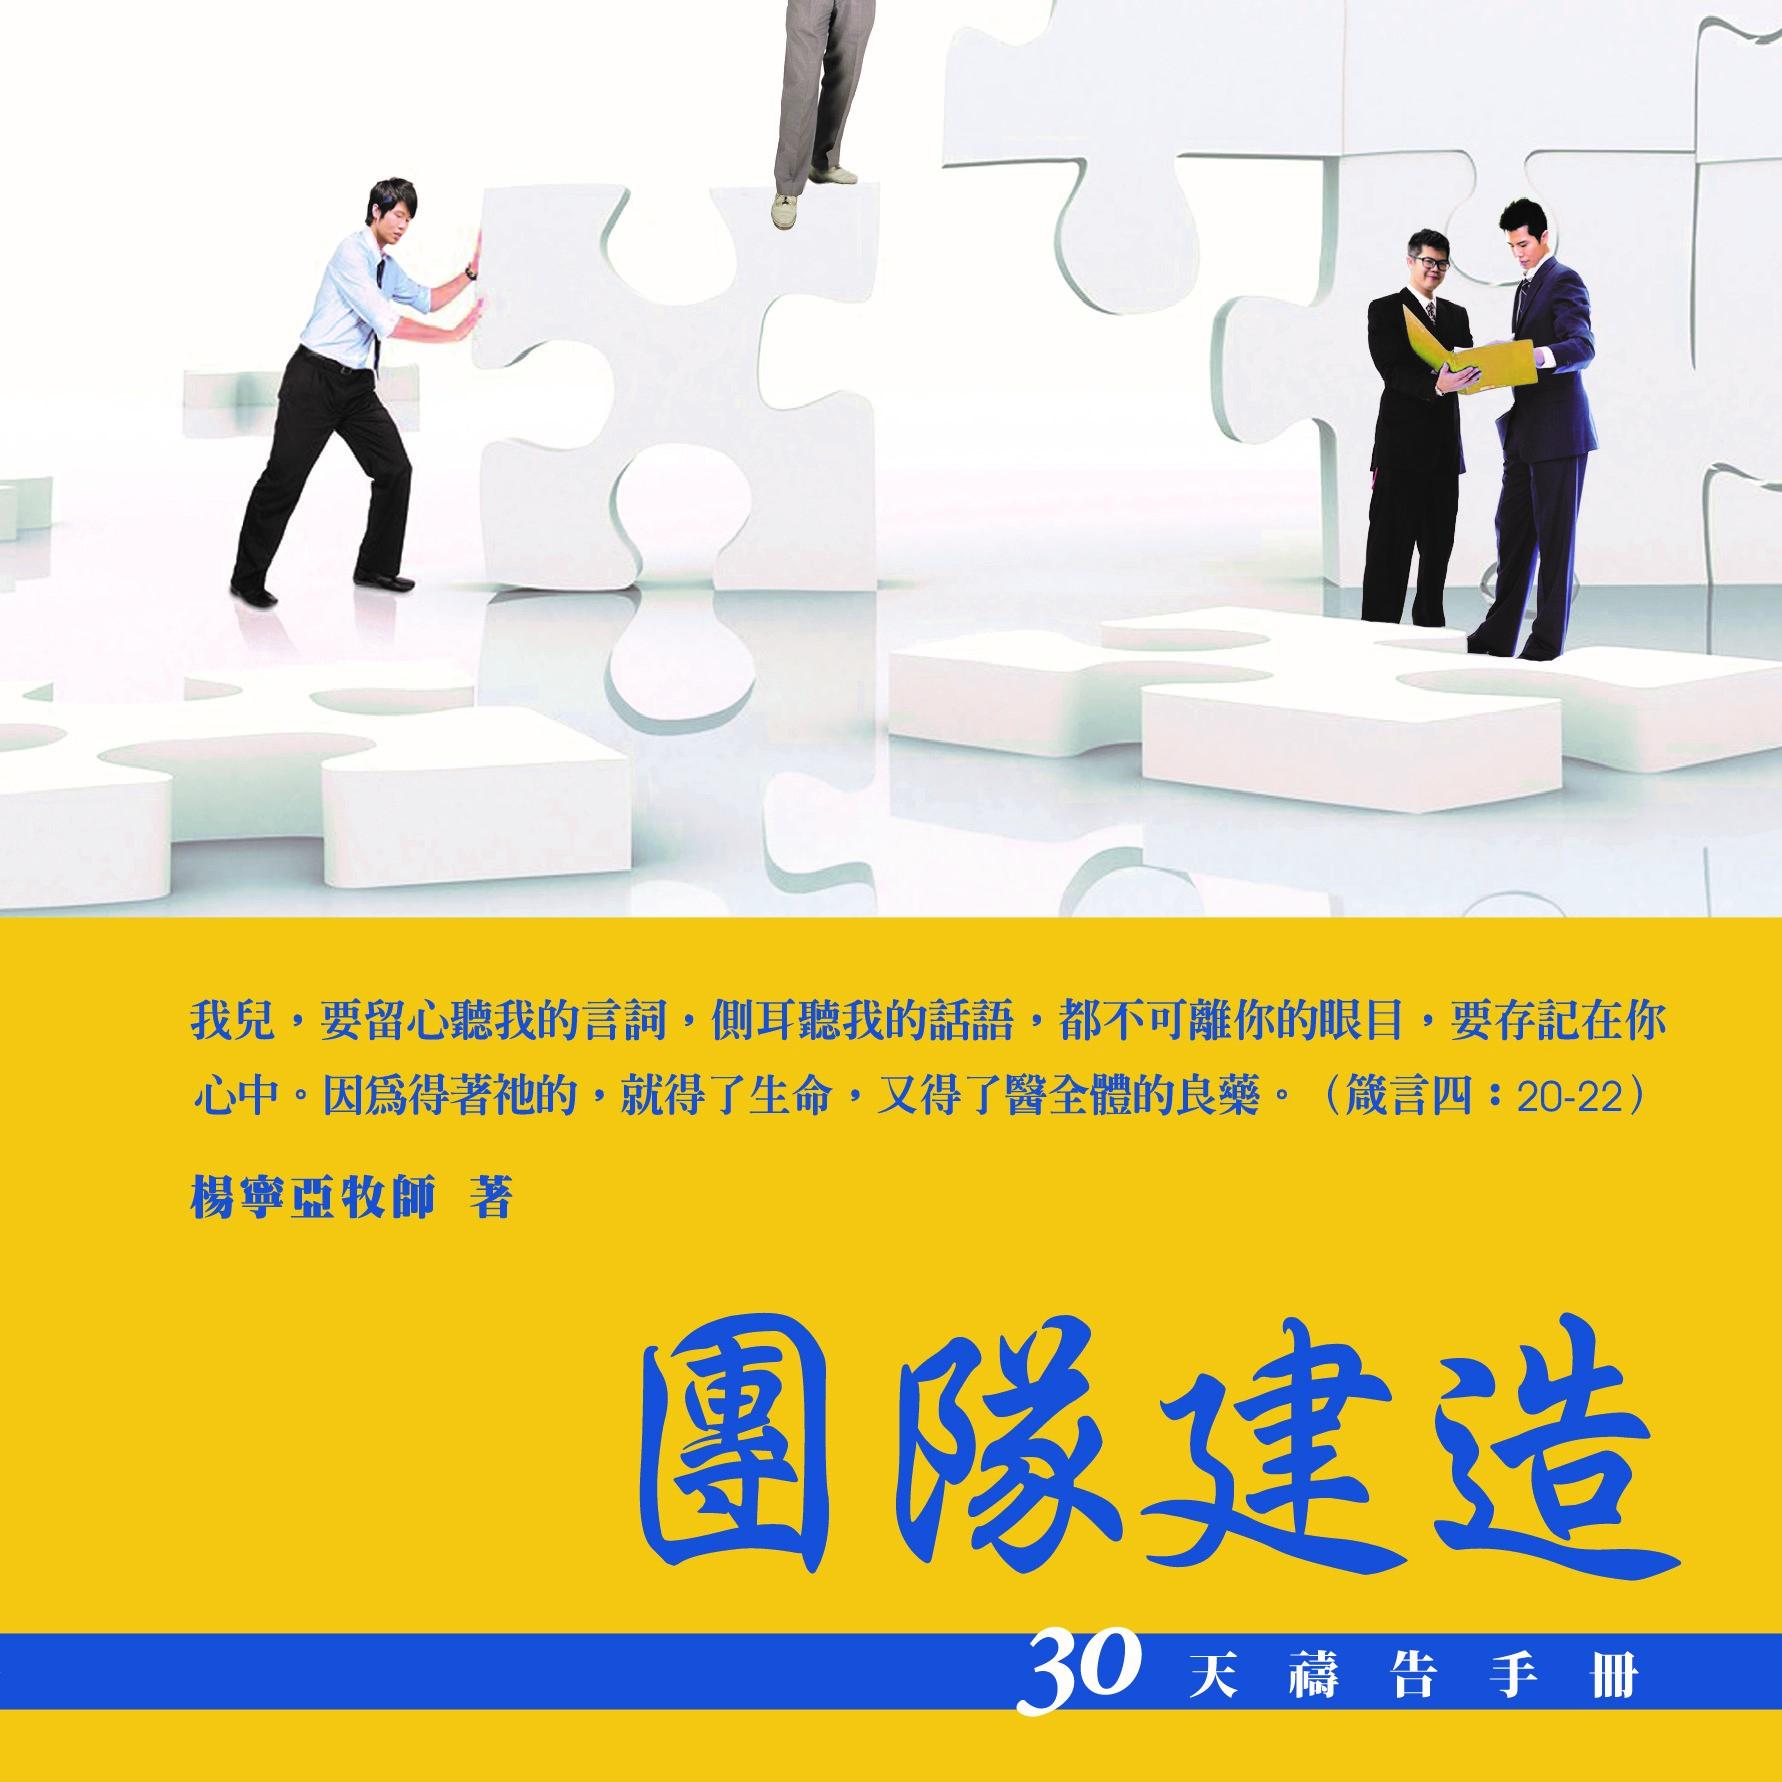 11.團隊建造-第8天-11.Team Building-day8 推行事工的關鍵:建立團隊(一)先知